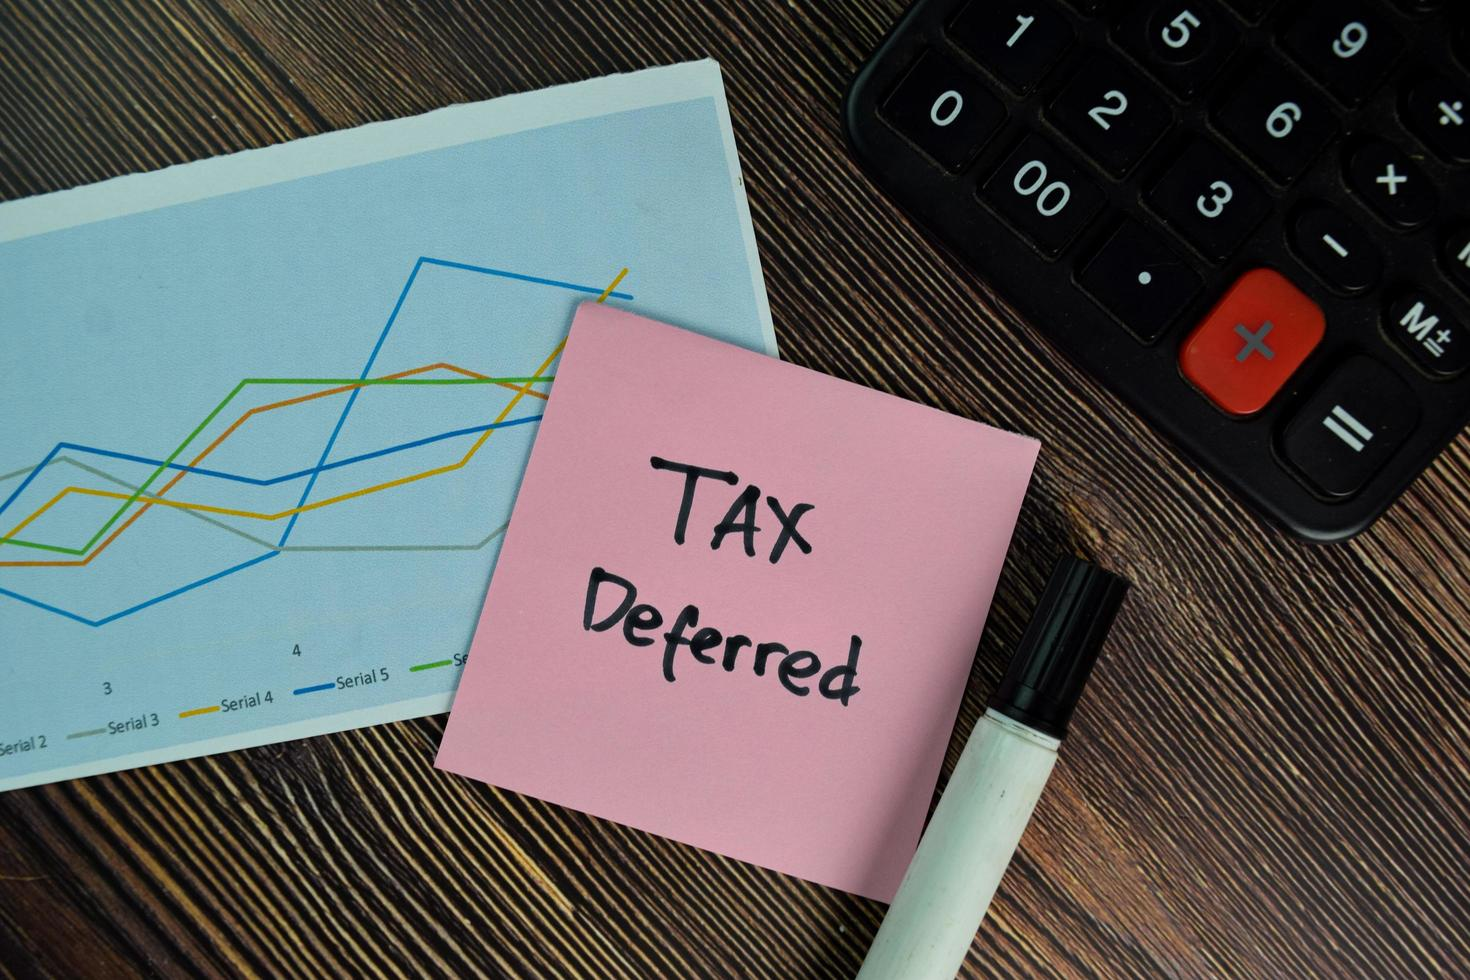 Impuestos diferidos escrito en nota adhesiva aislado sobre mesa de madera foto